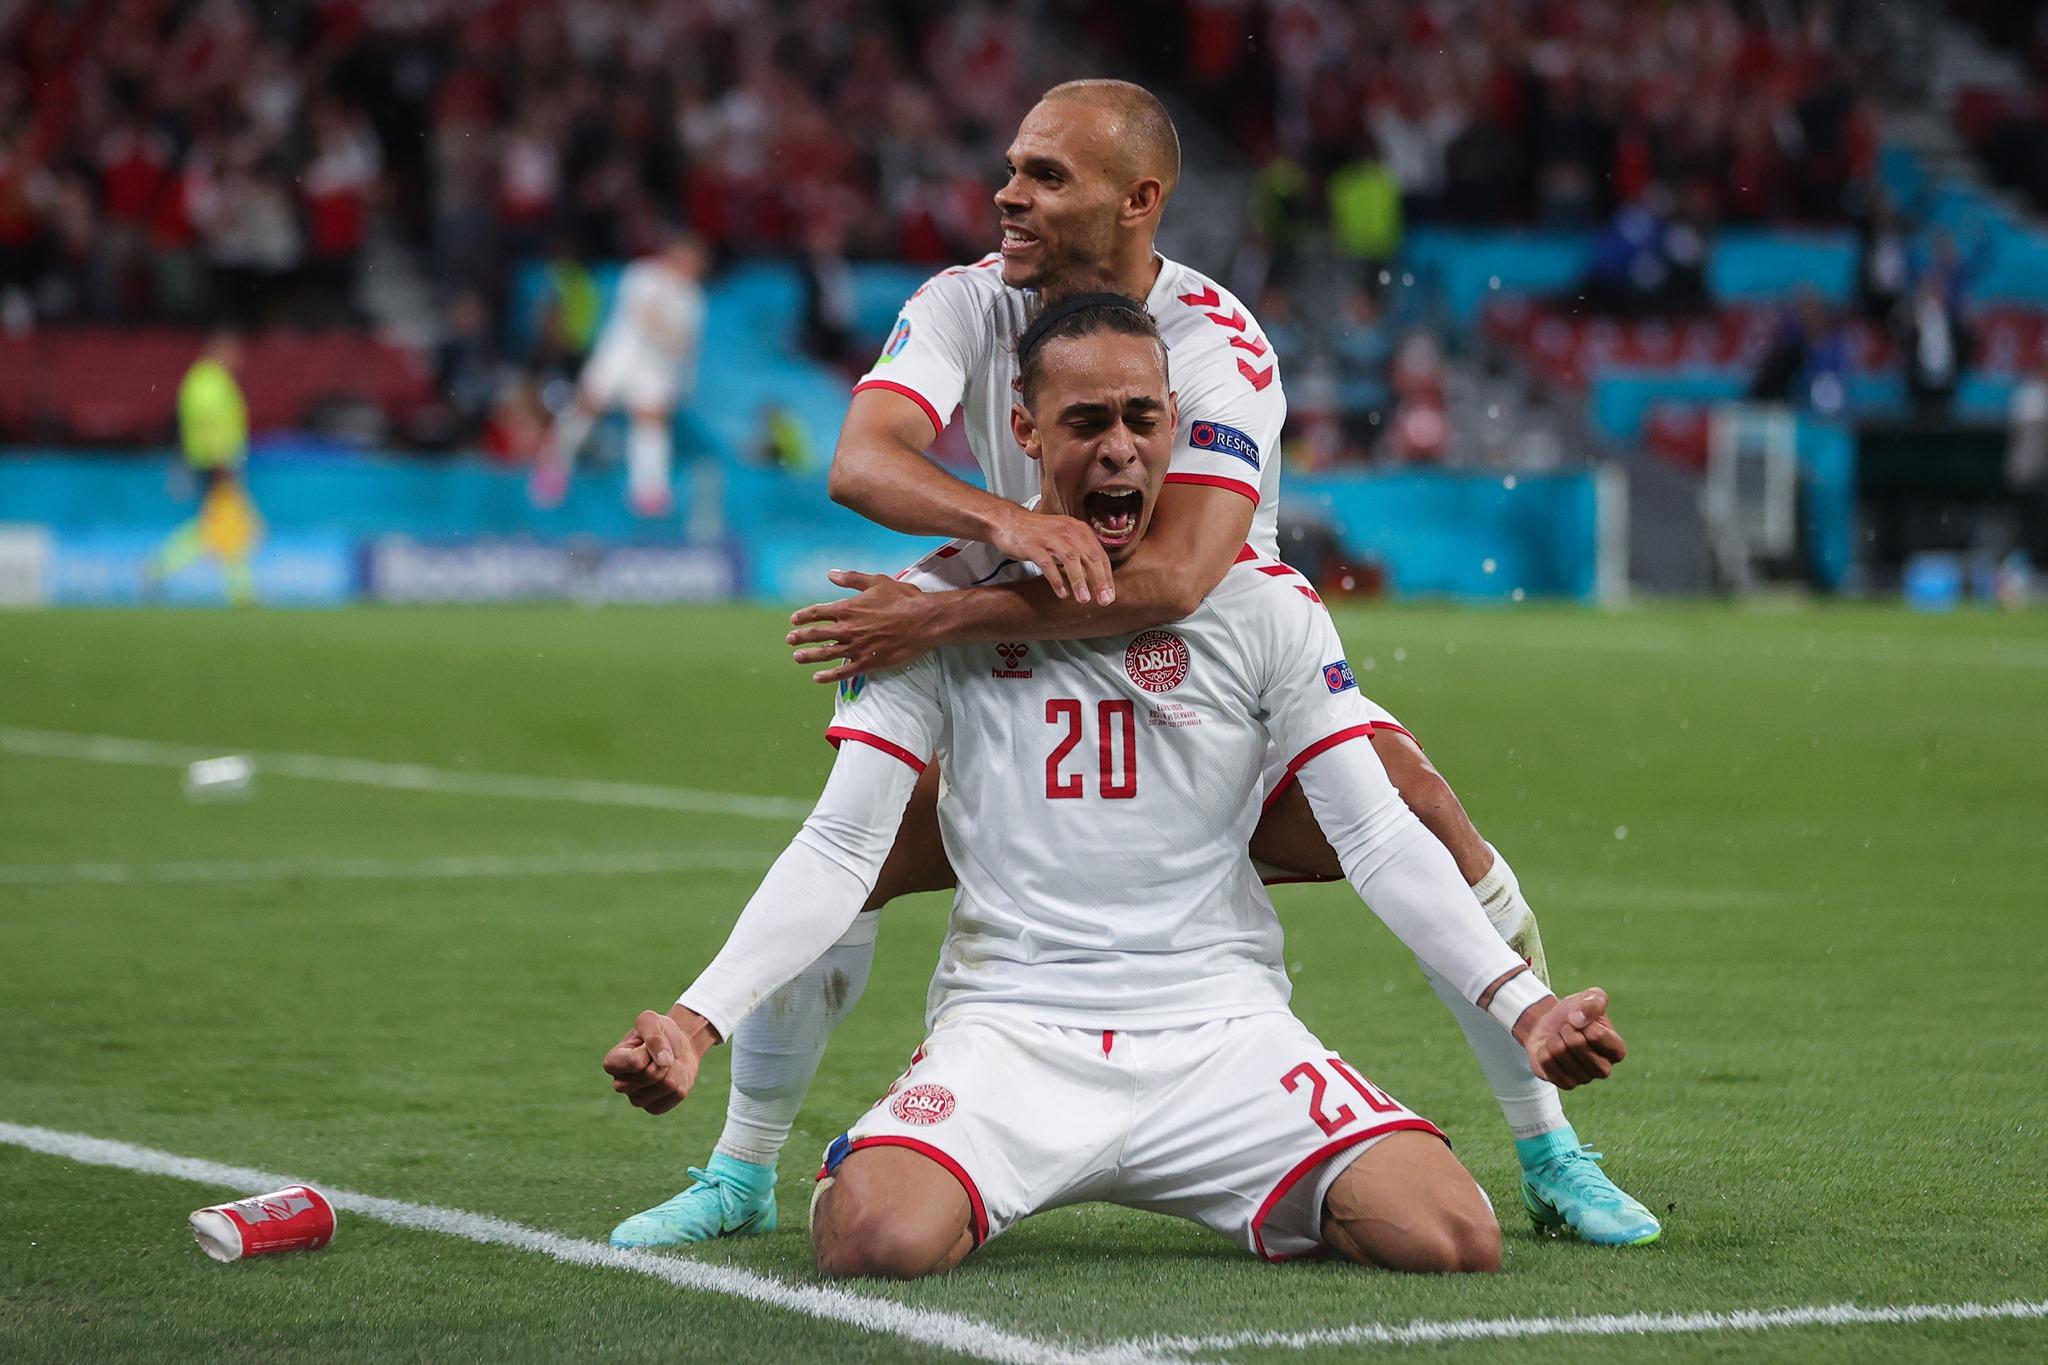 Quá tuyệt vời, tuyển Đan Mạch hoàn tất lời hứa với Eriksen - Bóng Đá